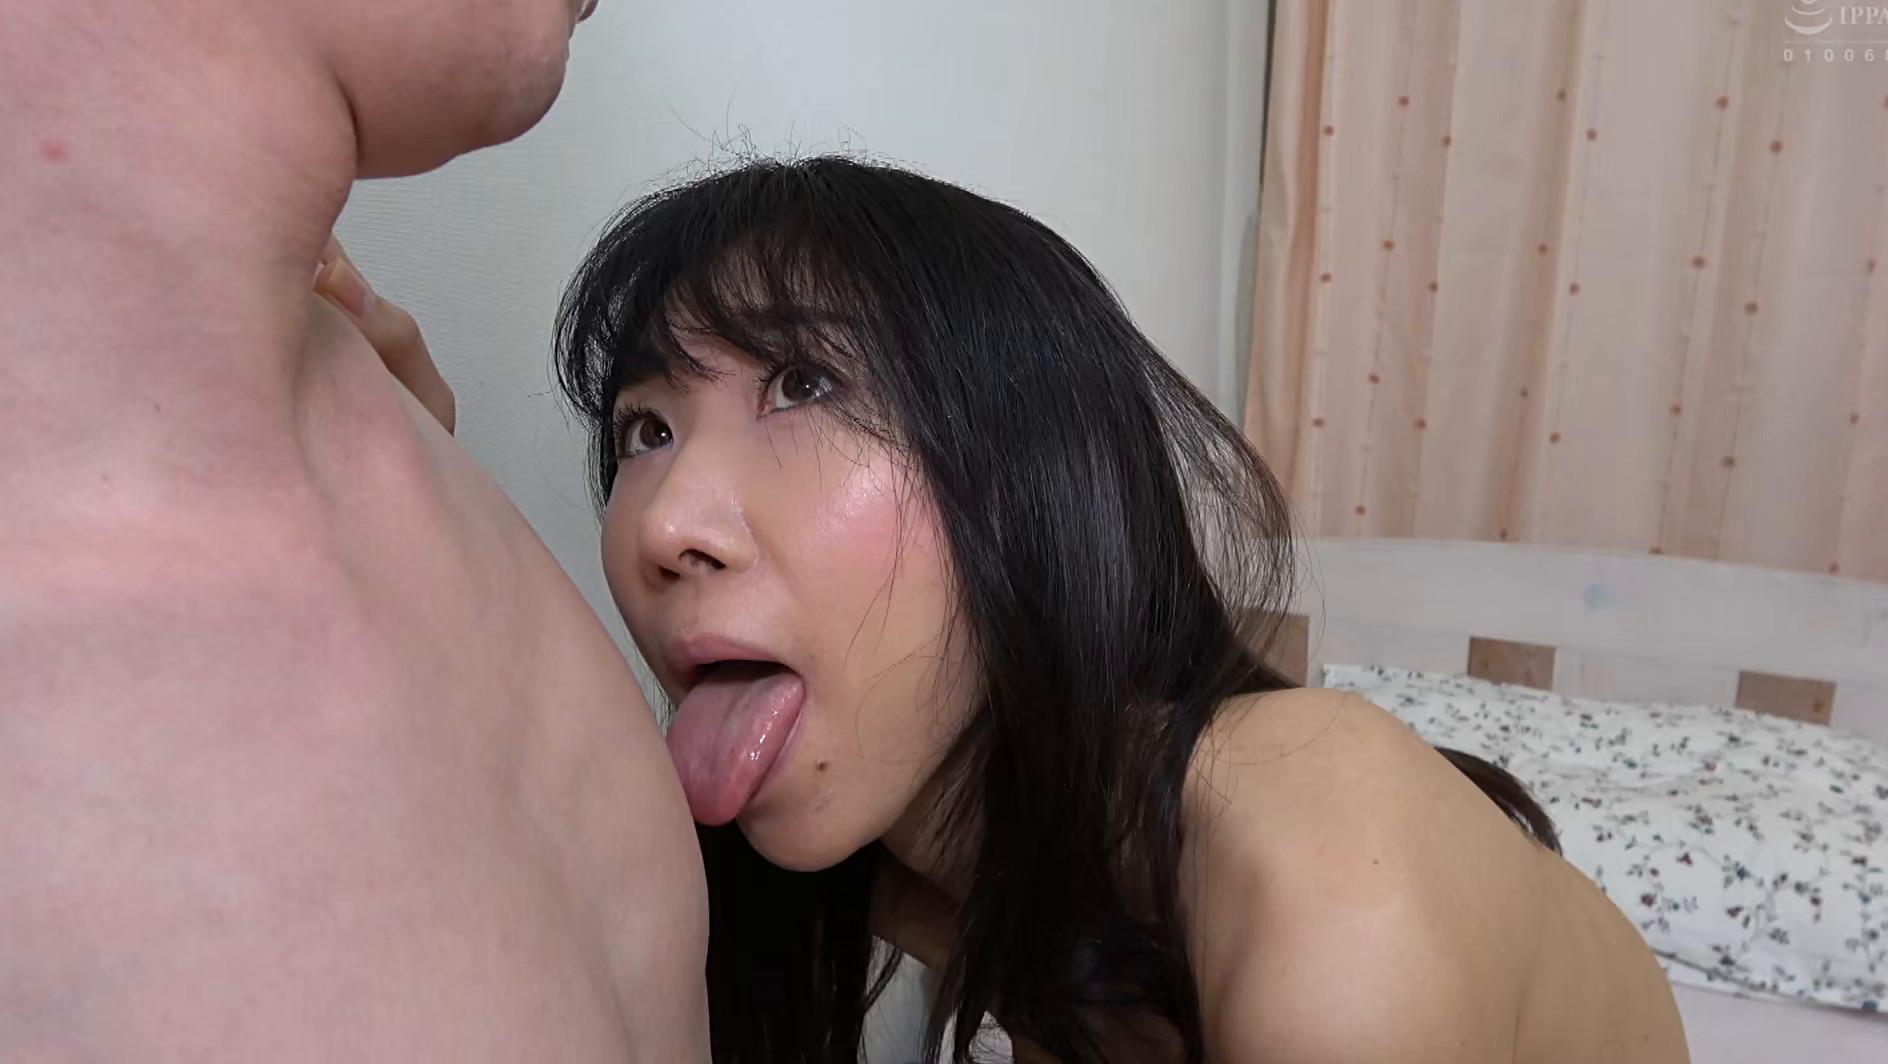 子供部屋おじさん(35歳無職の息子)を性処理する義母 森田紅音 画像18